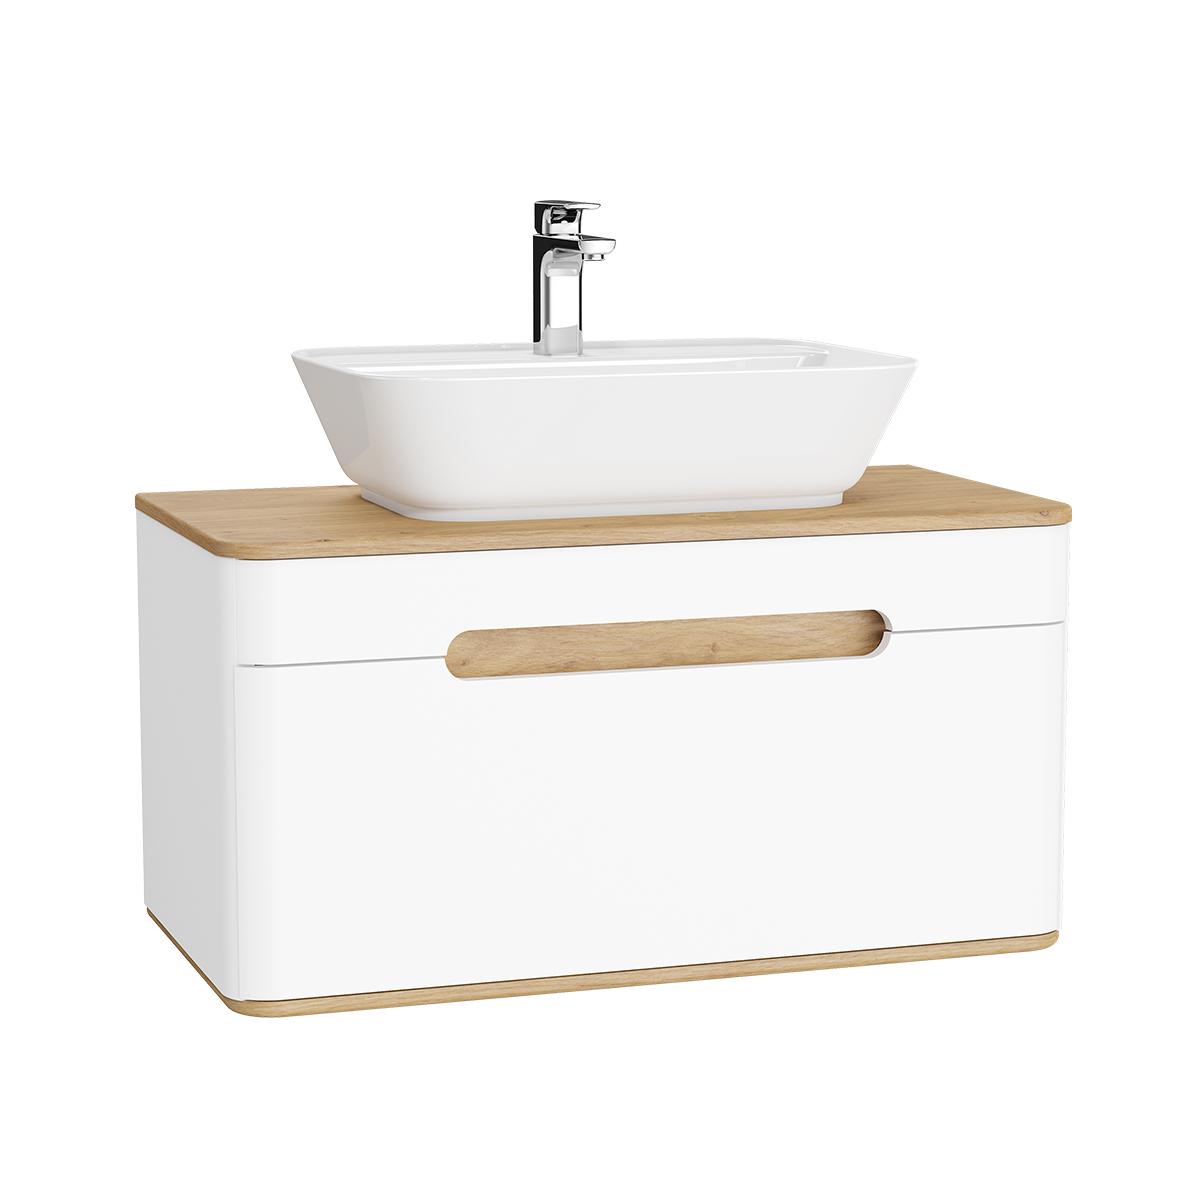 Sento Waschtischunterschrank, 90 cm, für Aufsatzwaschtische, mit 1 Vollauszug, Weiß Matt